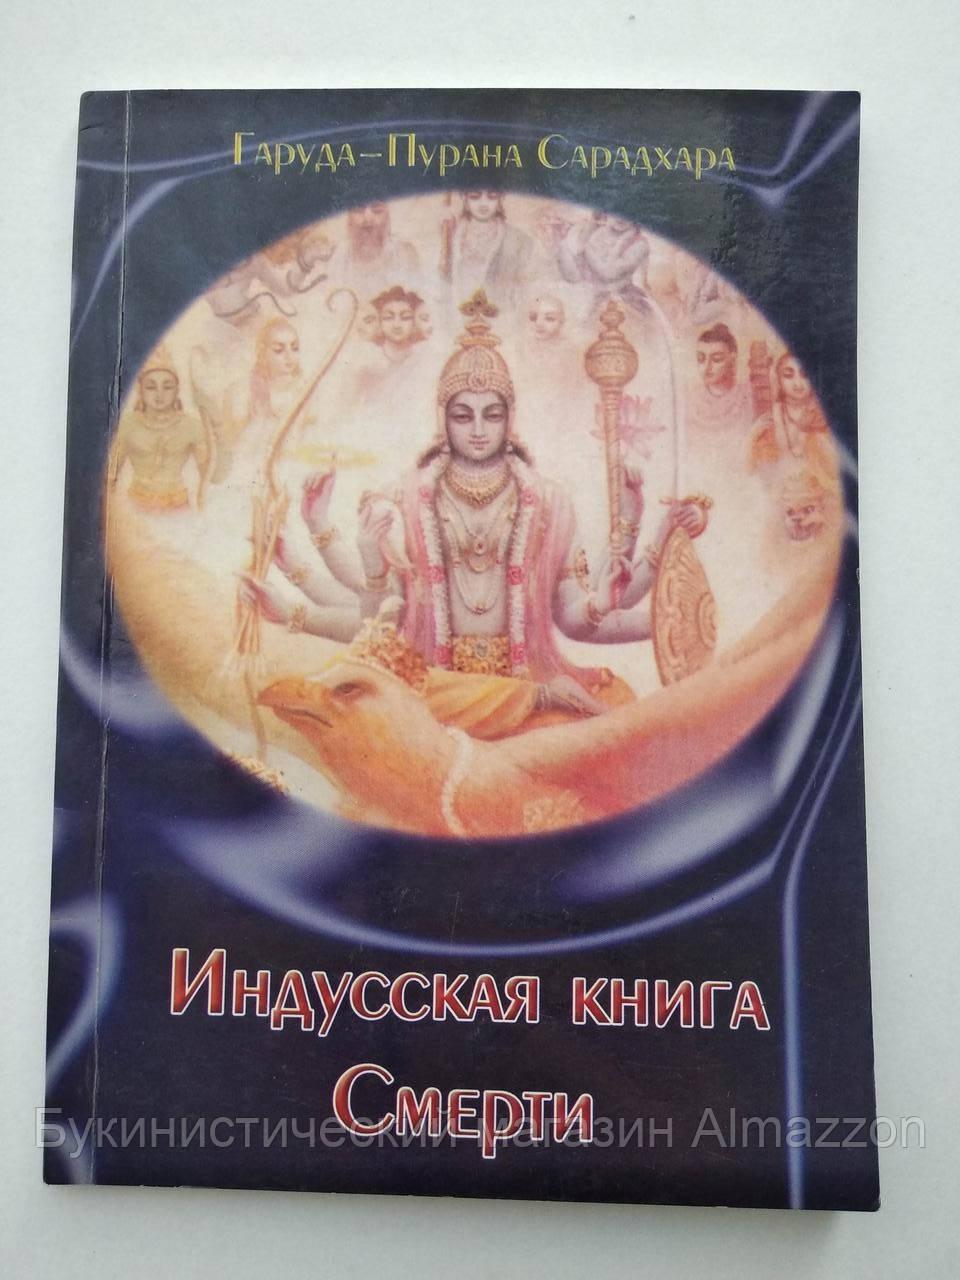 Индусская книга смерти Гаруда-Пурана Сарадхара